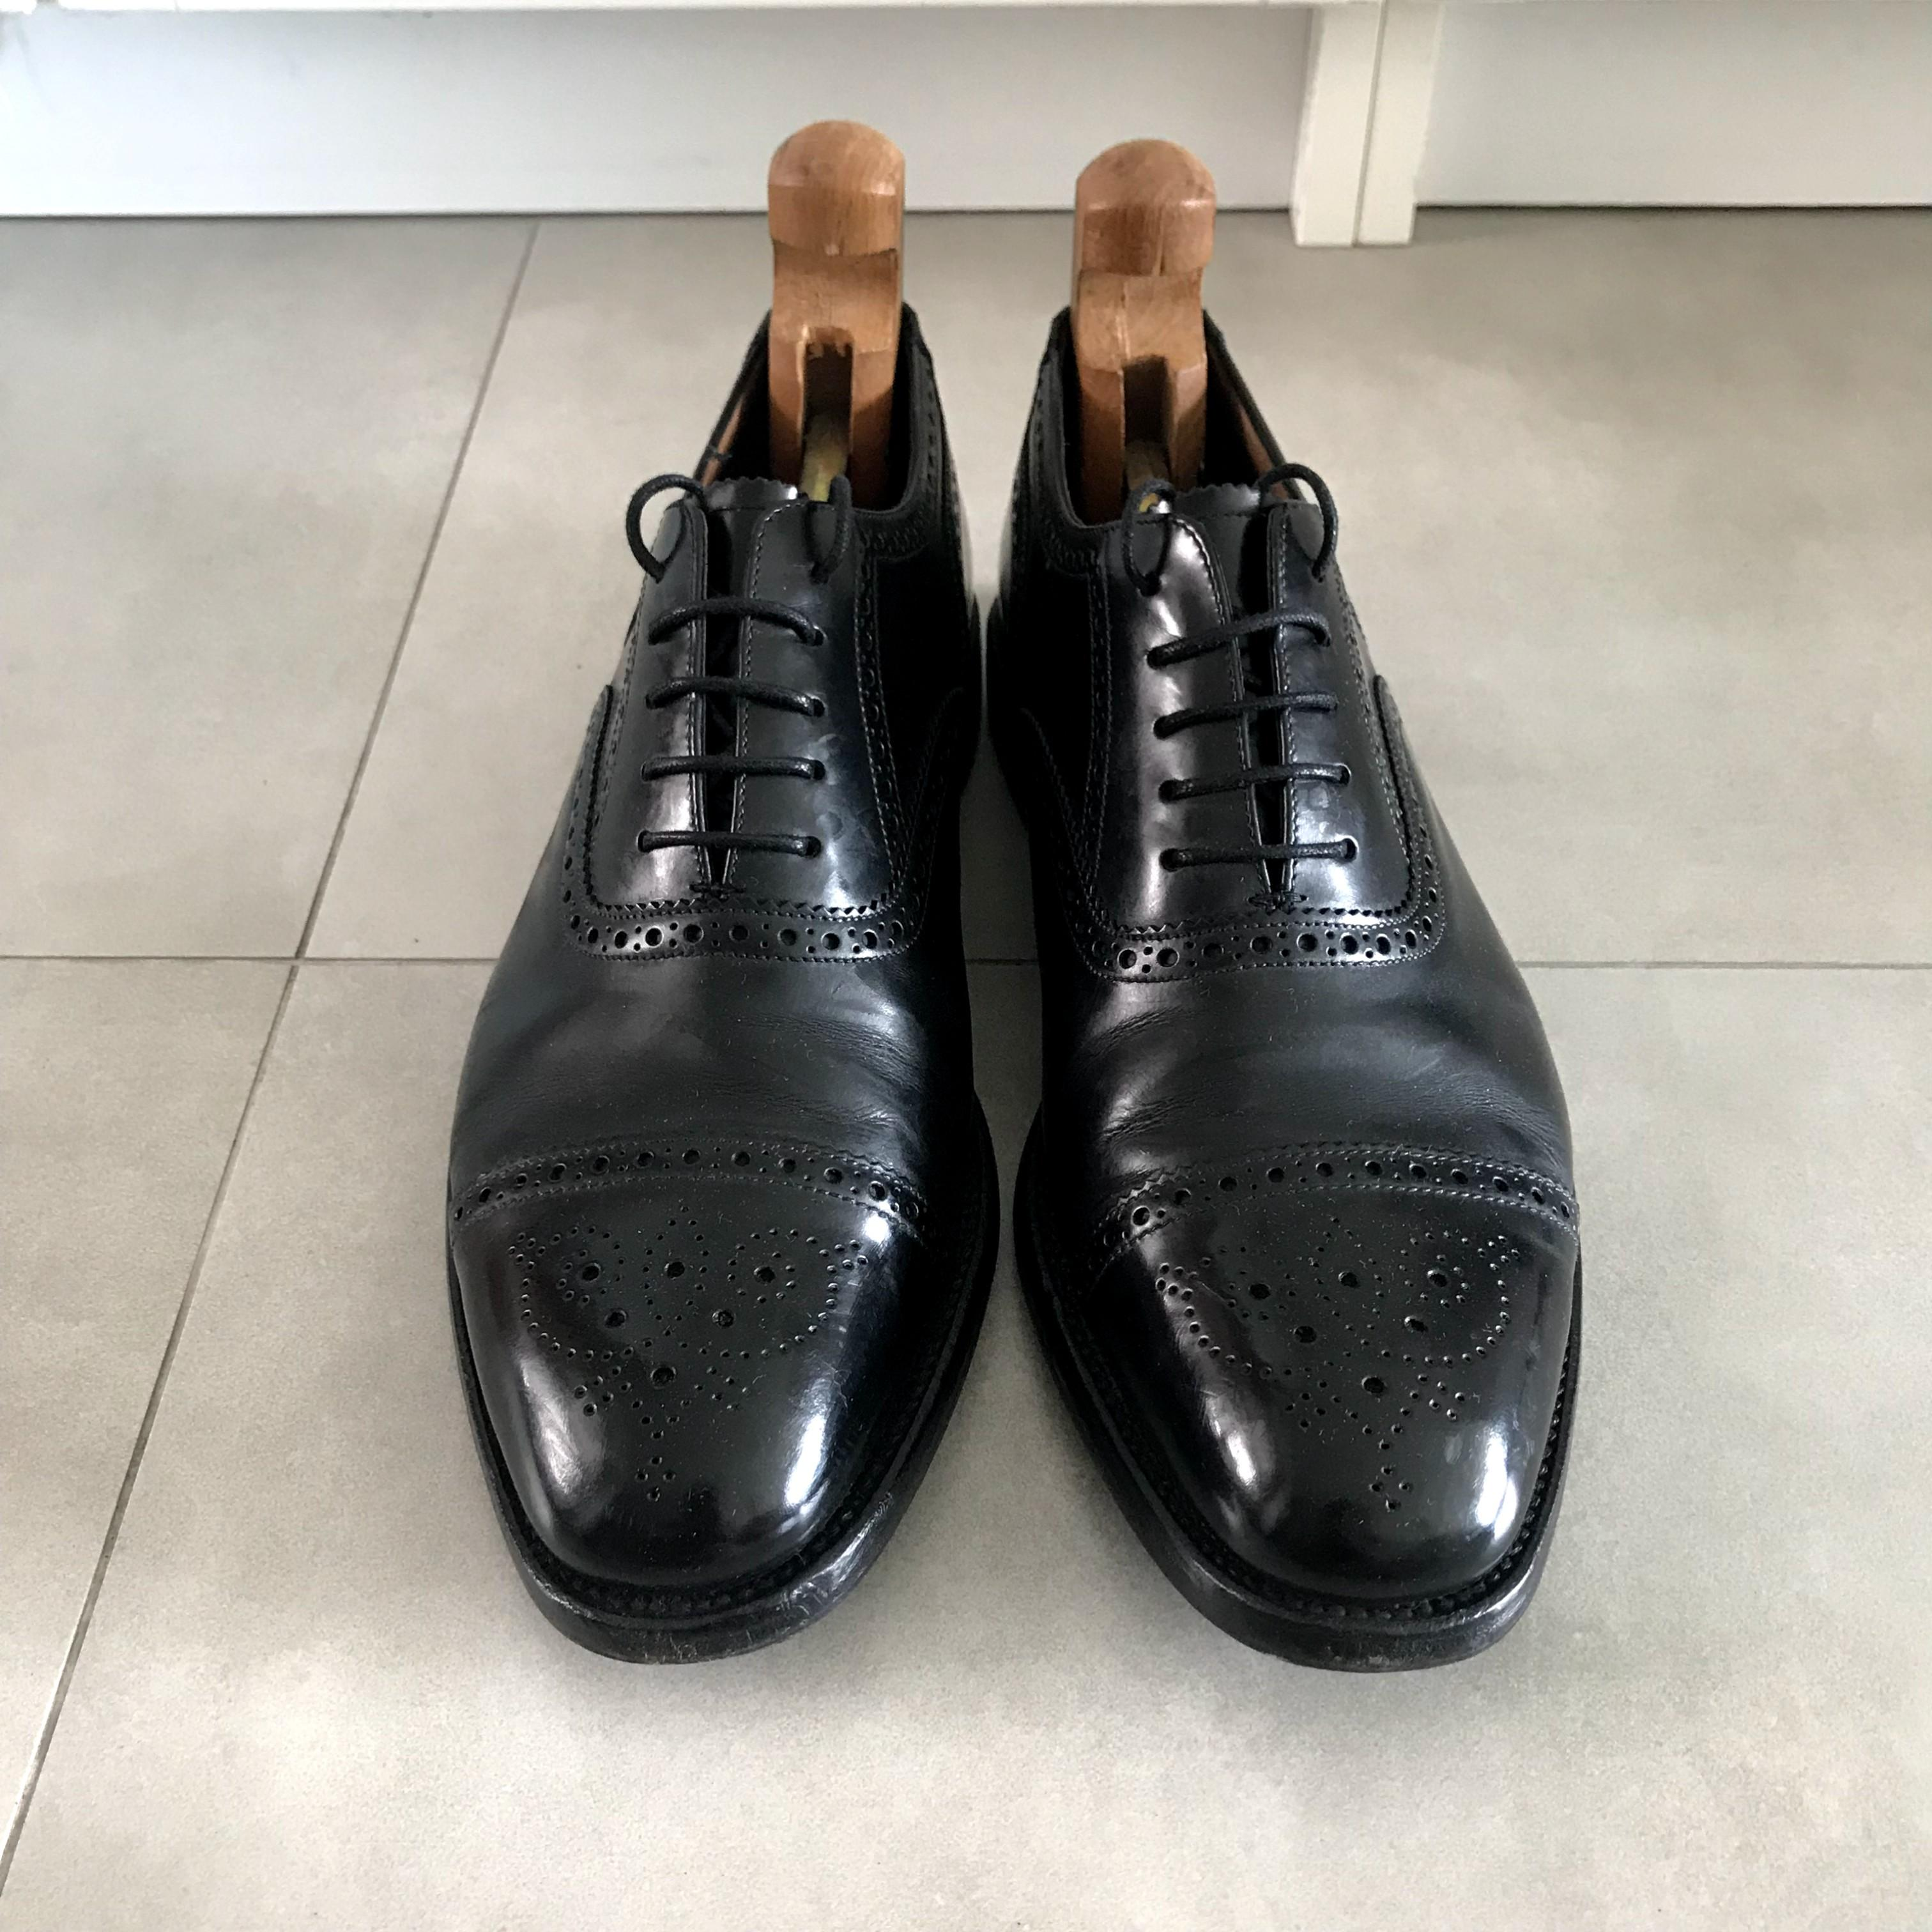 Loake Brogue shoes size UK 9 / US 10